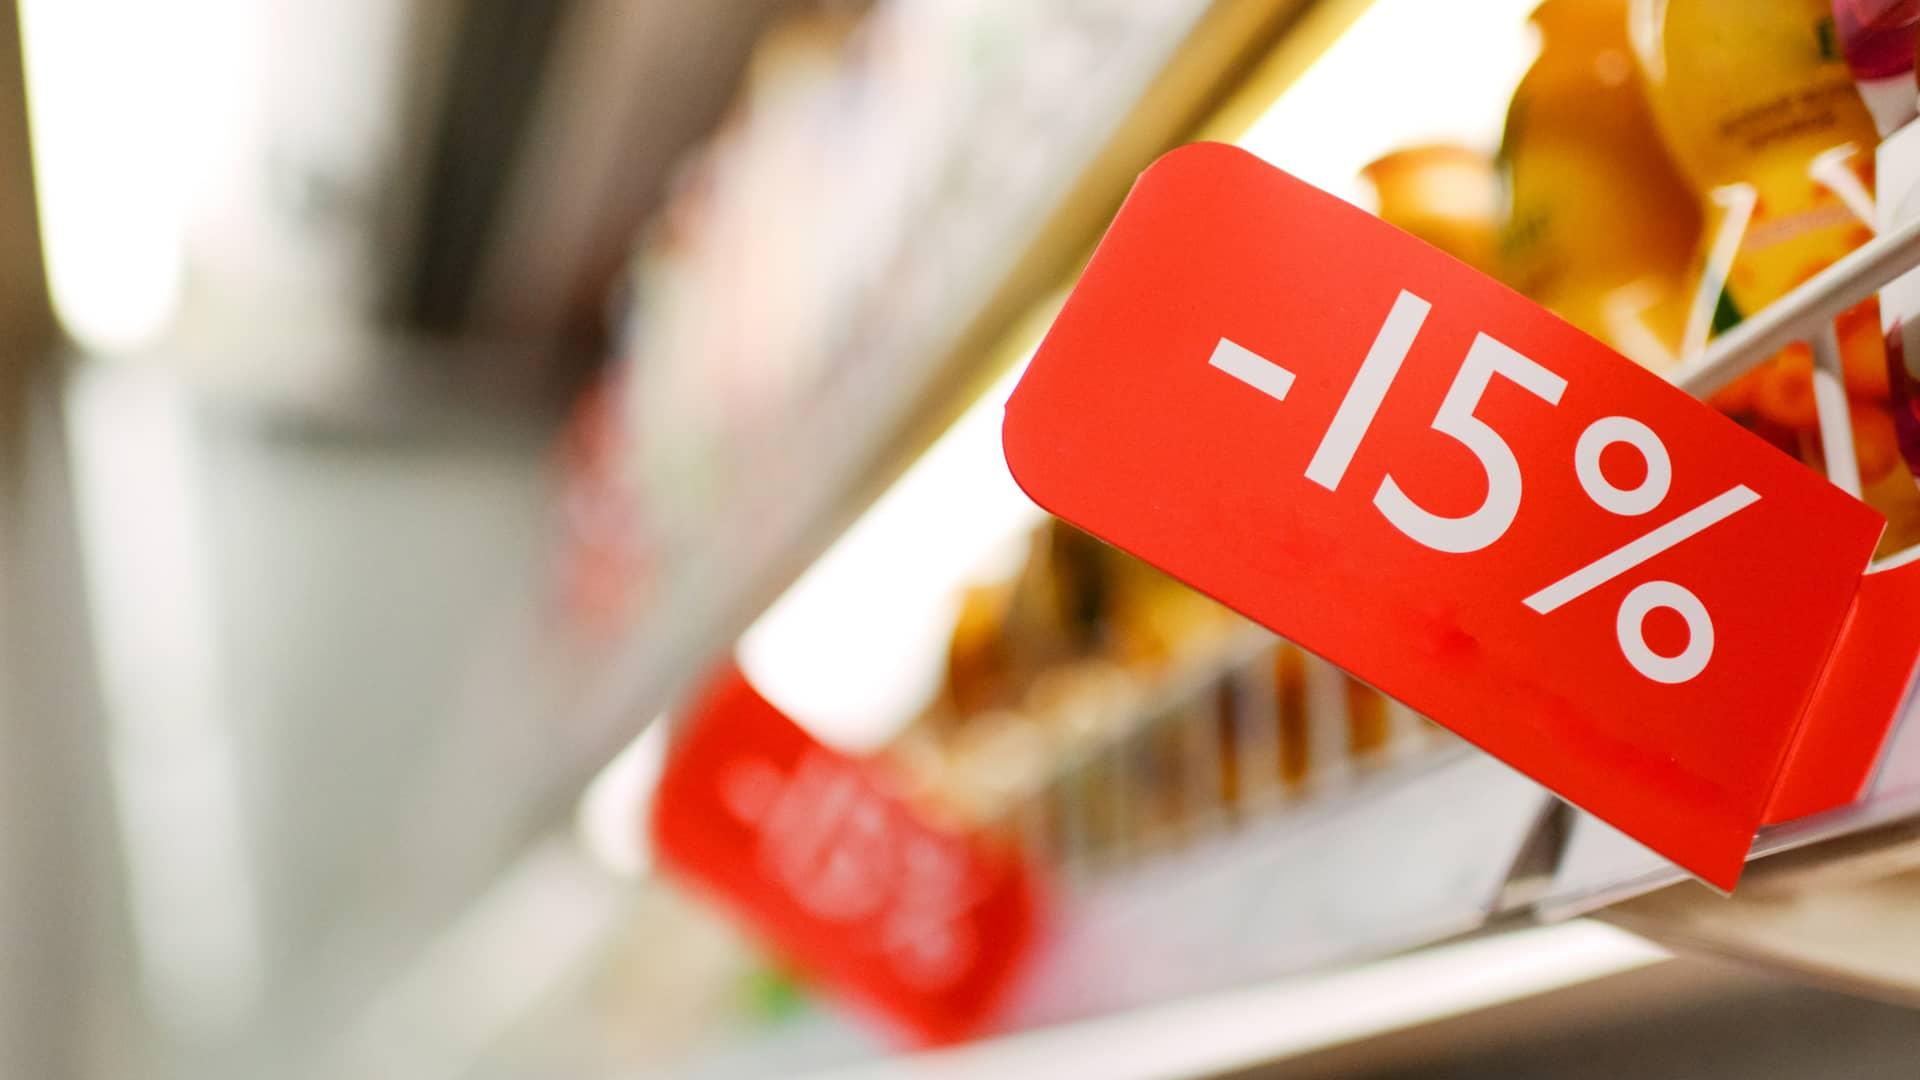 Descuento en tienda simboliza ofertas de lowi